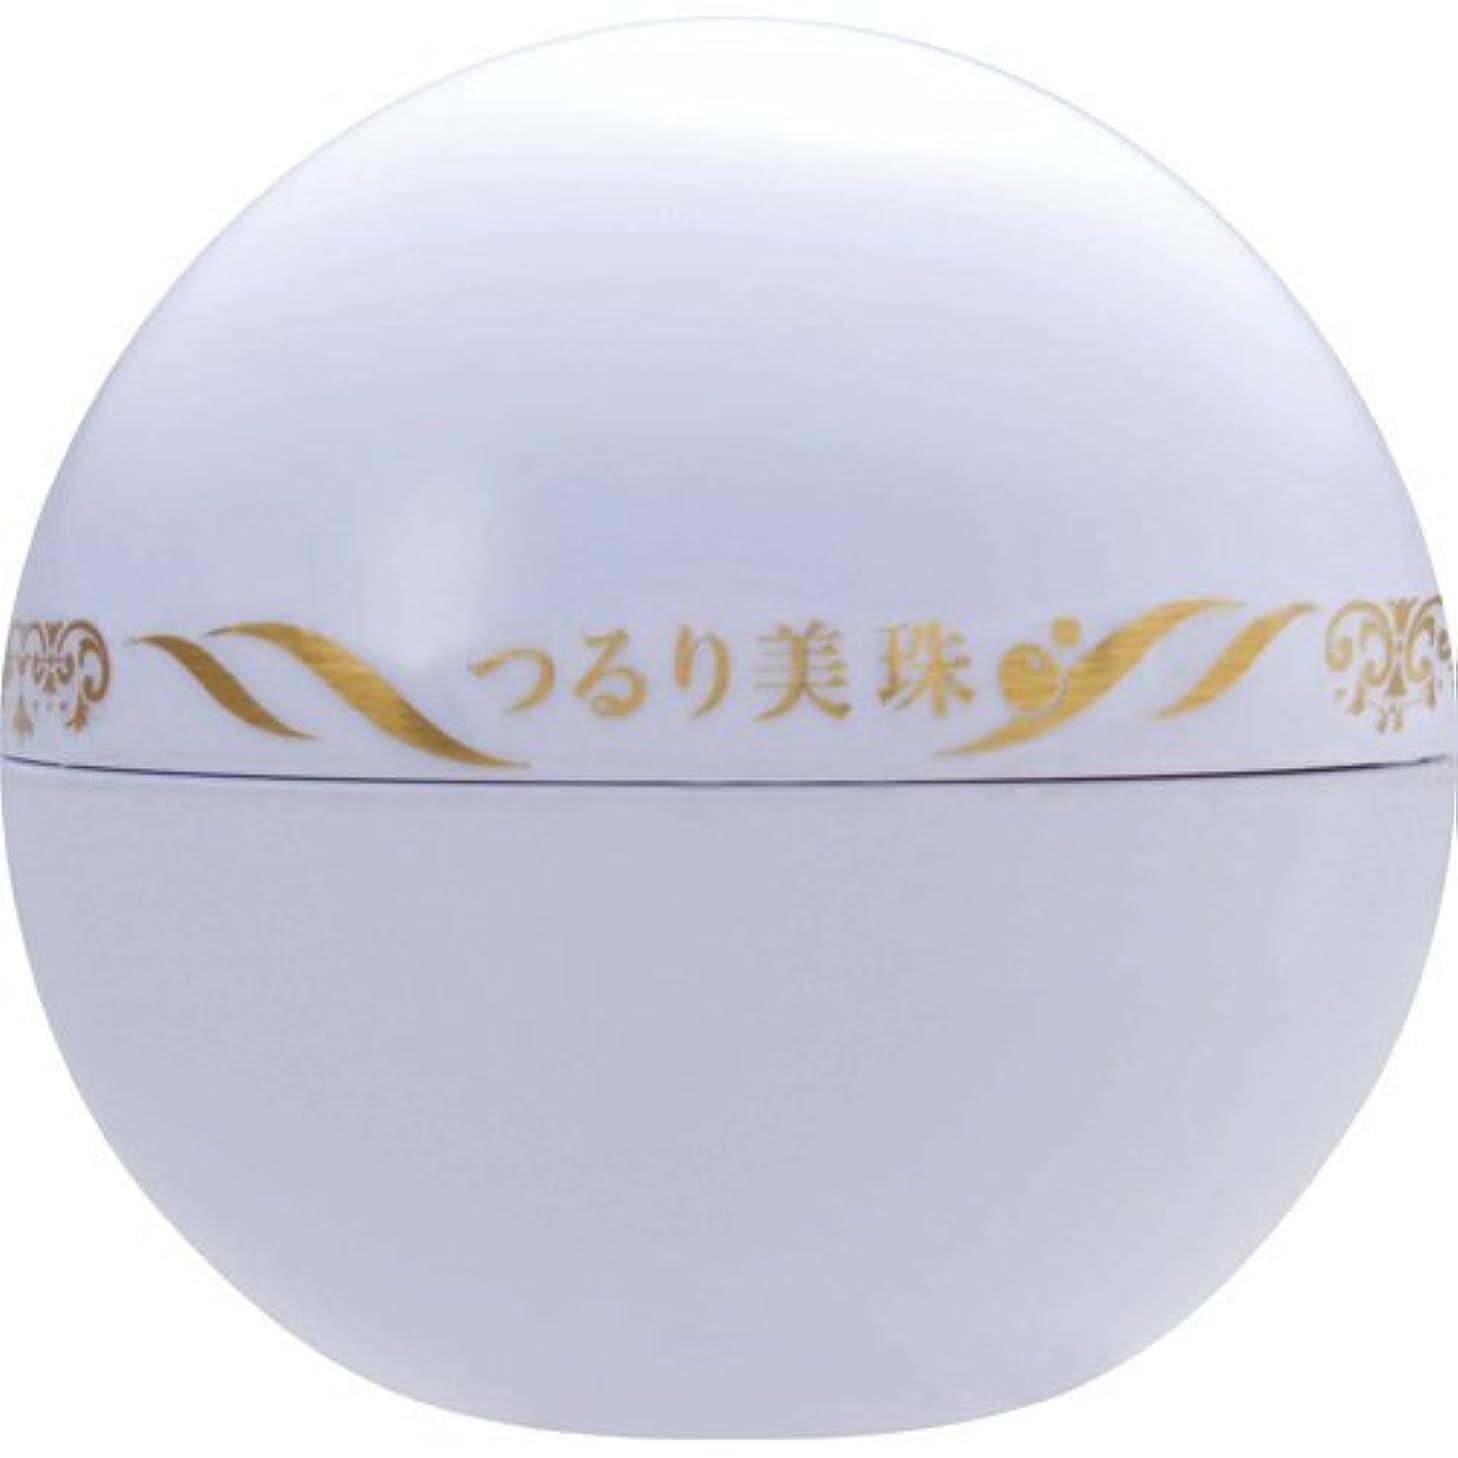 露出度の高い必要とする流すビューナ つるり美珠(びしゅ)